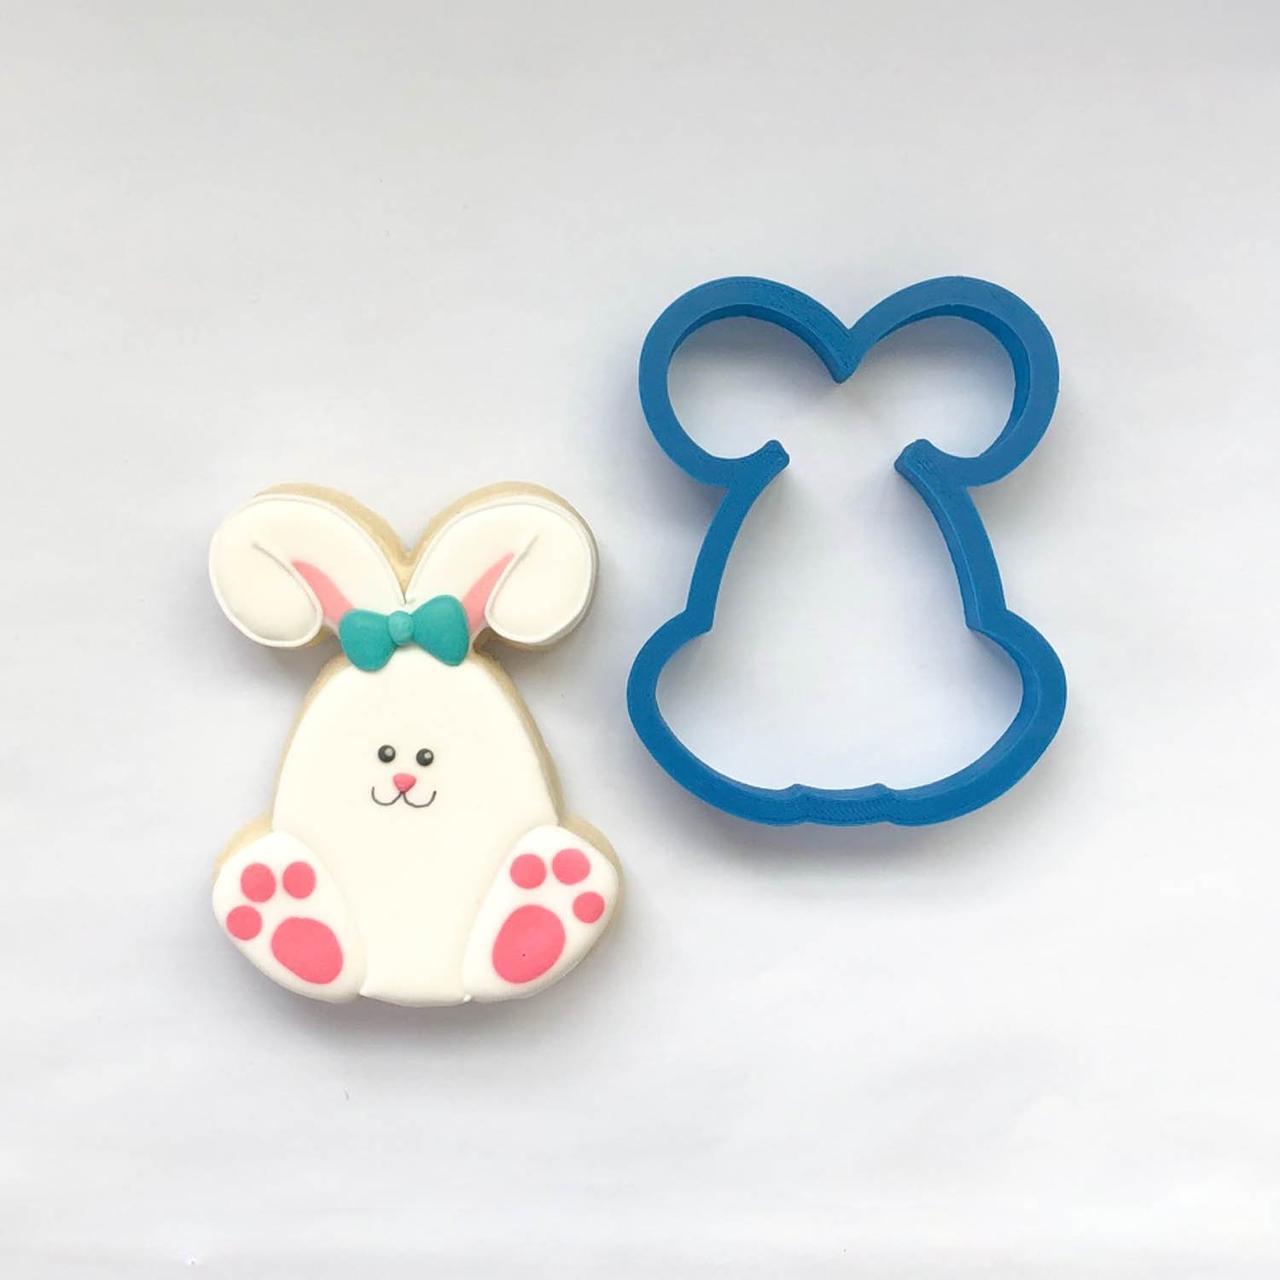 Вырубка маленький кролик, пасхальная вырубка, пасха 2019, зайчик вирубка,пластиковые вырубки для печенья